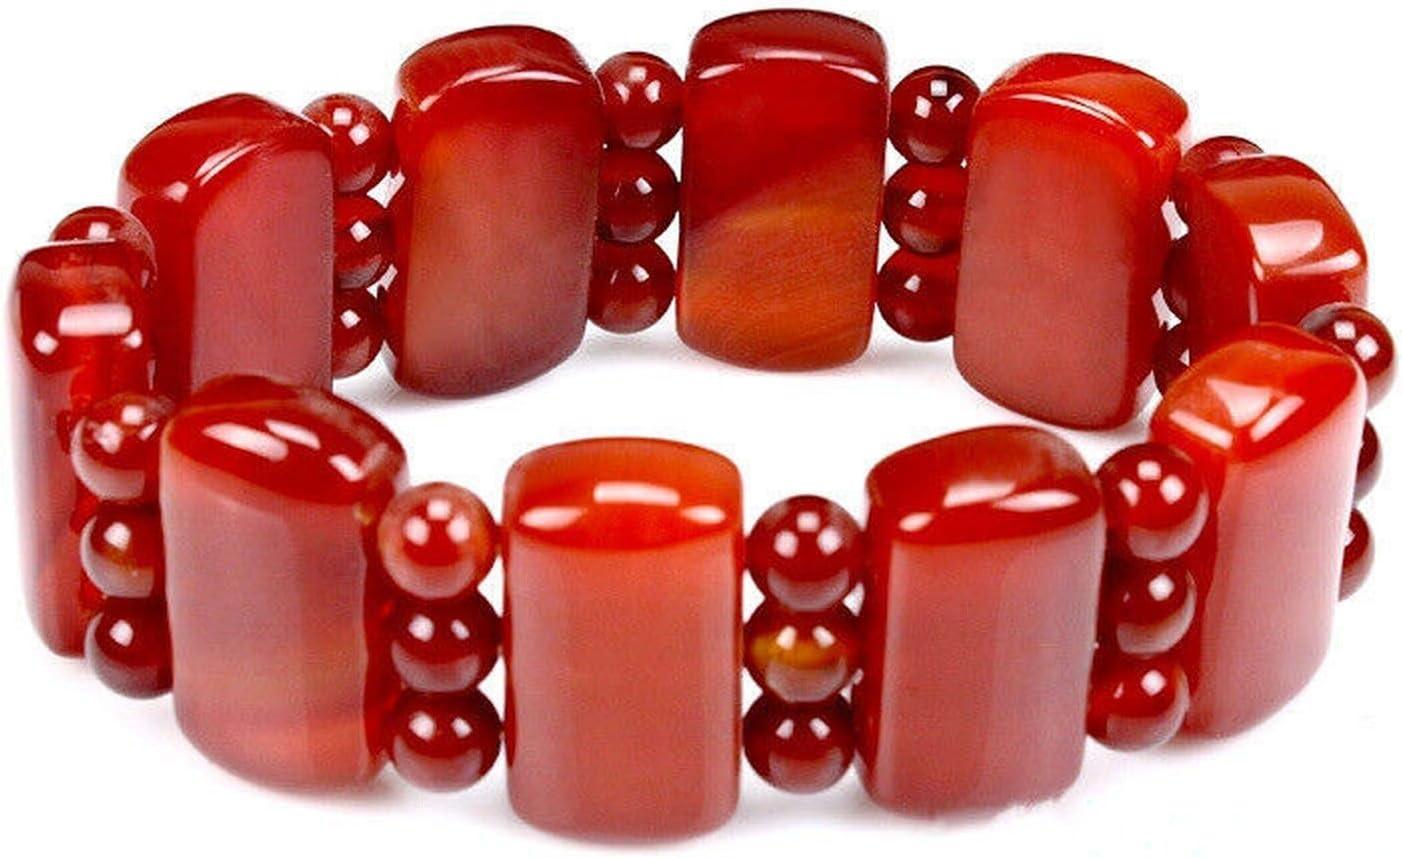 Pulsera de ágata roja, hilera de manos de jade y calcedonia, pulseras de hilo de jade masculino y femenino